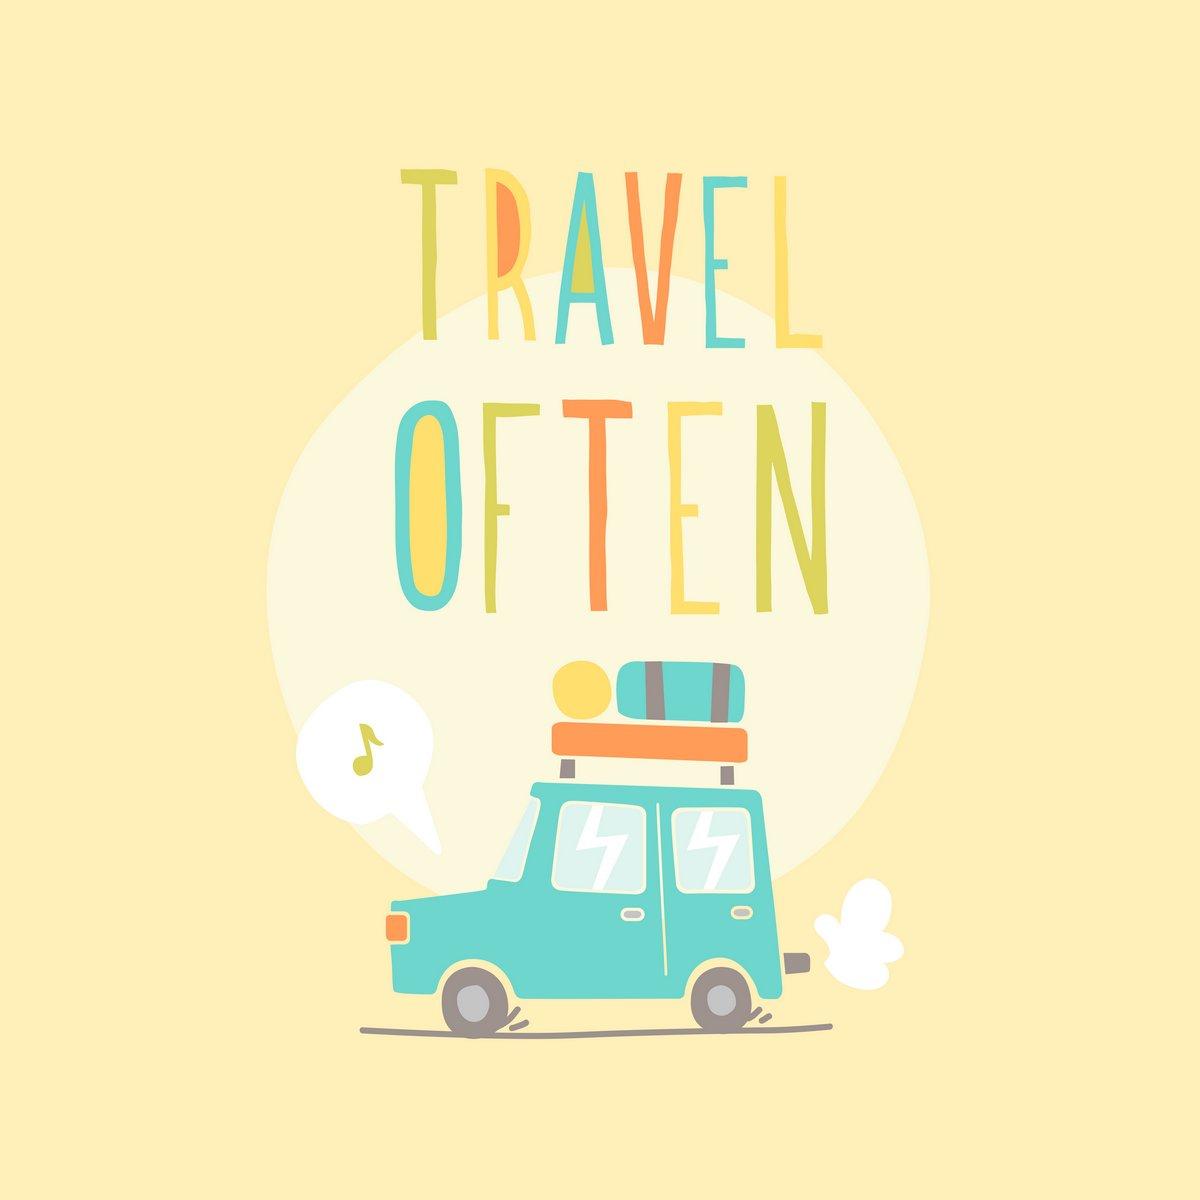 Постер Мотивационный плакат Путешествую часто. Дорожное путешествие.Мотивационный плакат<br>Постер на холсте или бумаге. Любого нужного вам размера. В раме или без. Подвес в комплекте. Трехслойная надежная упаковка. Доставим в любую точку России. Вам осталось только повесить картину на стену!<br>